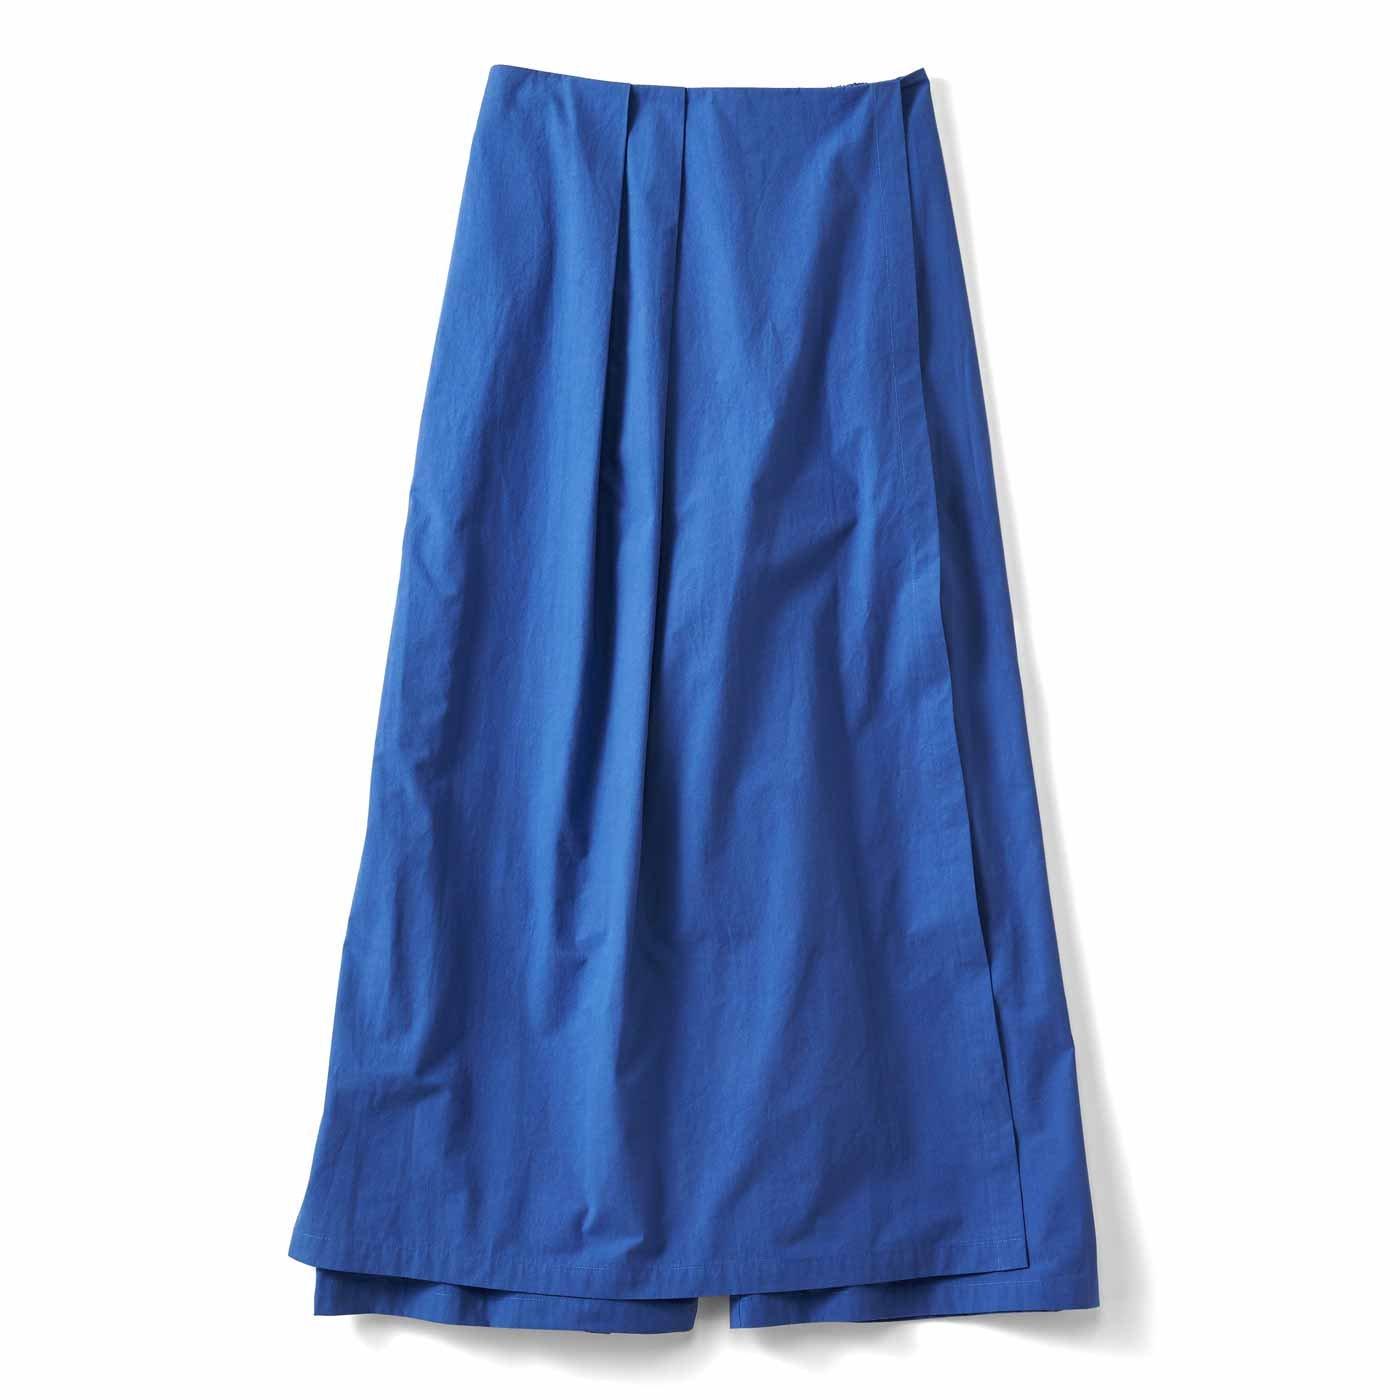 スカートみたいなラップ風パンツ〈ブルー〉